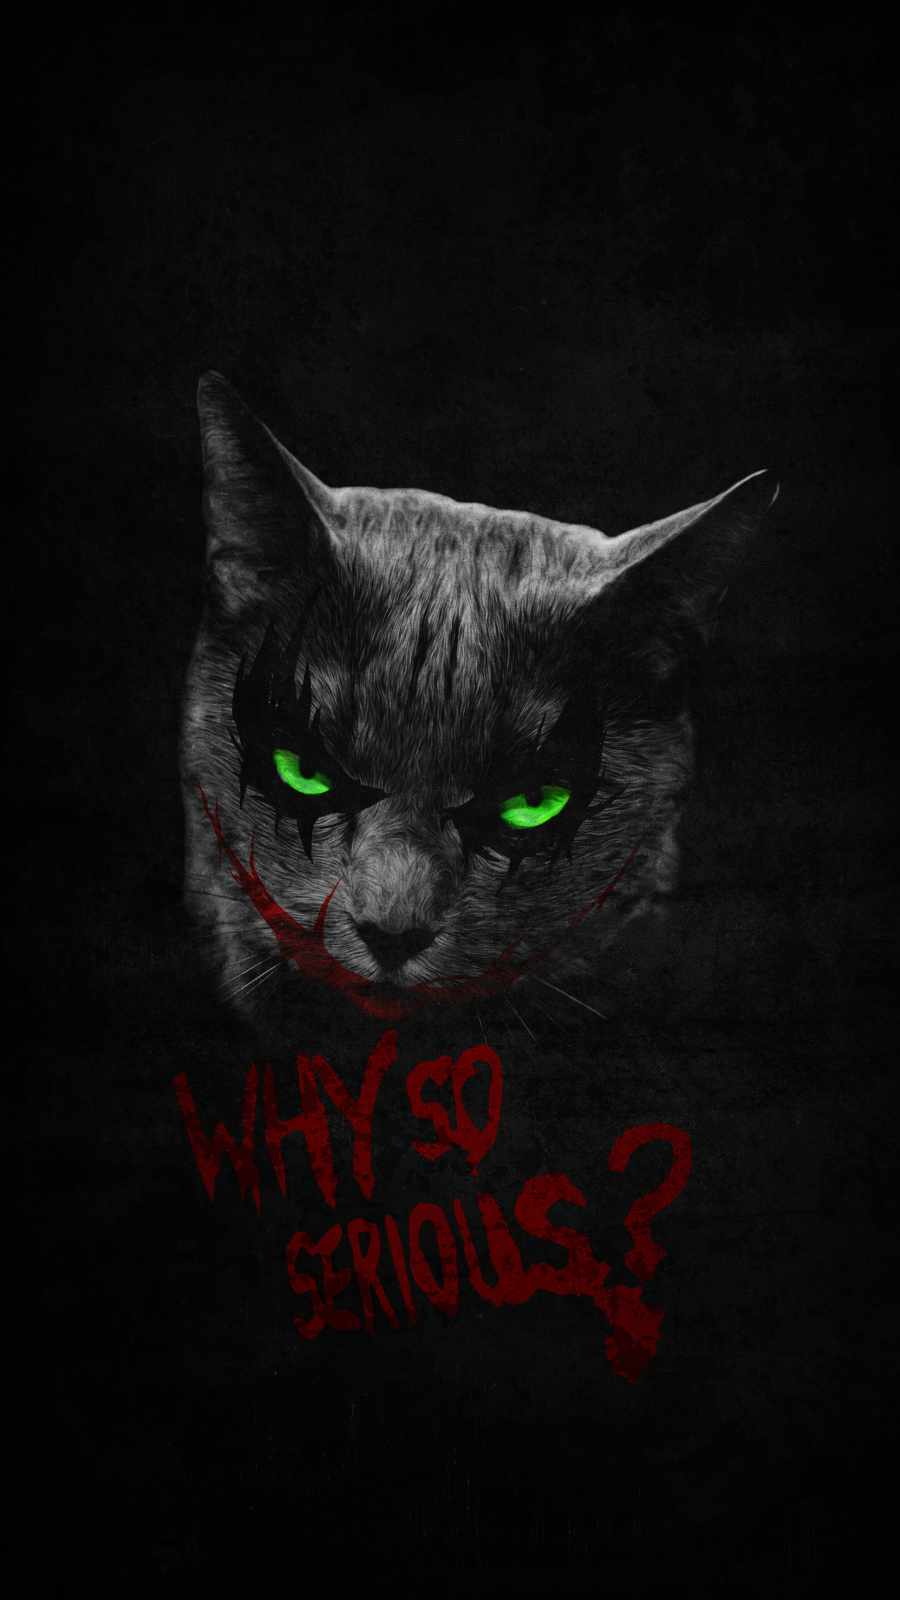 Why So Serius Cat